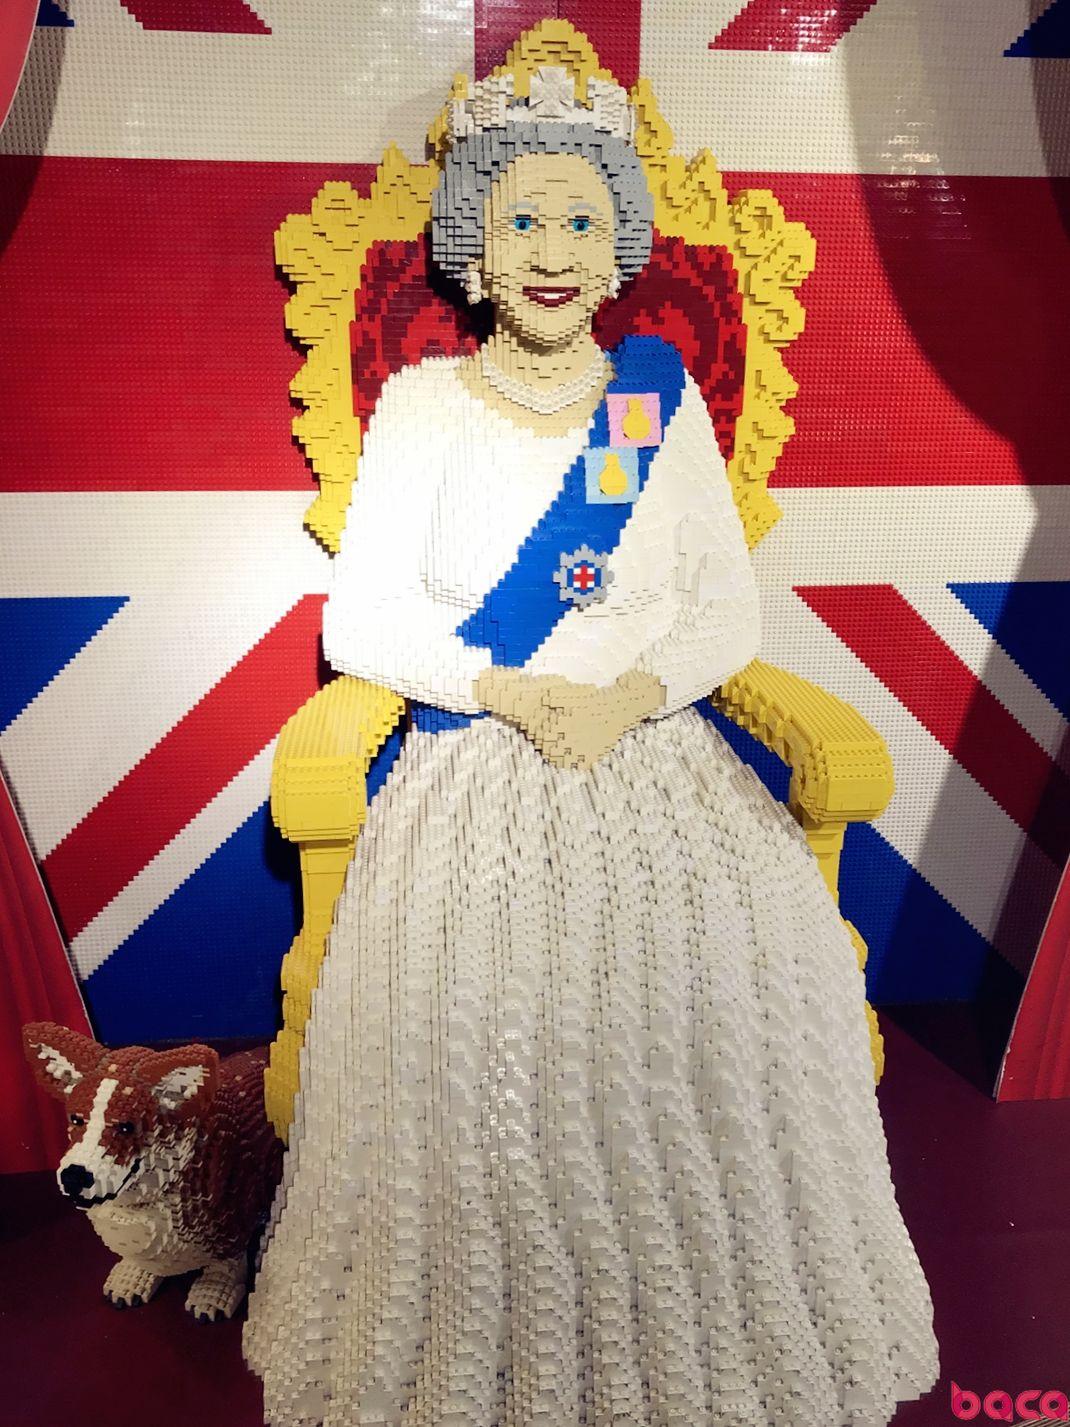 伦敦游学 英国短期游学 暑假英国游学